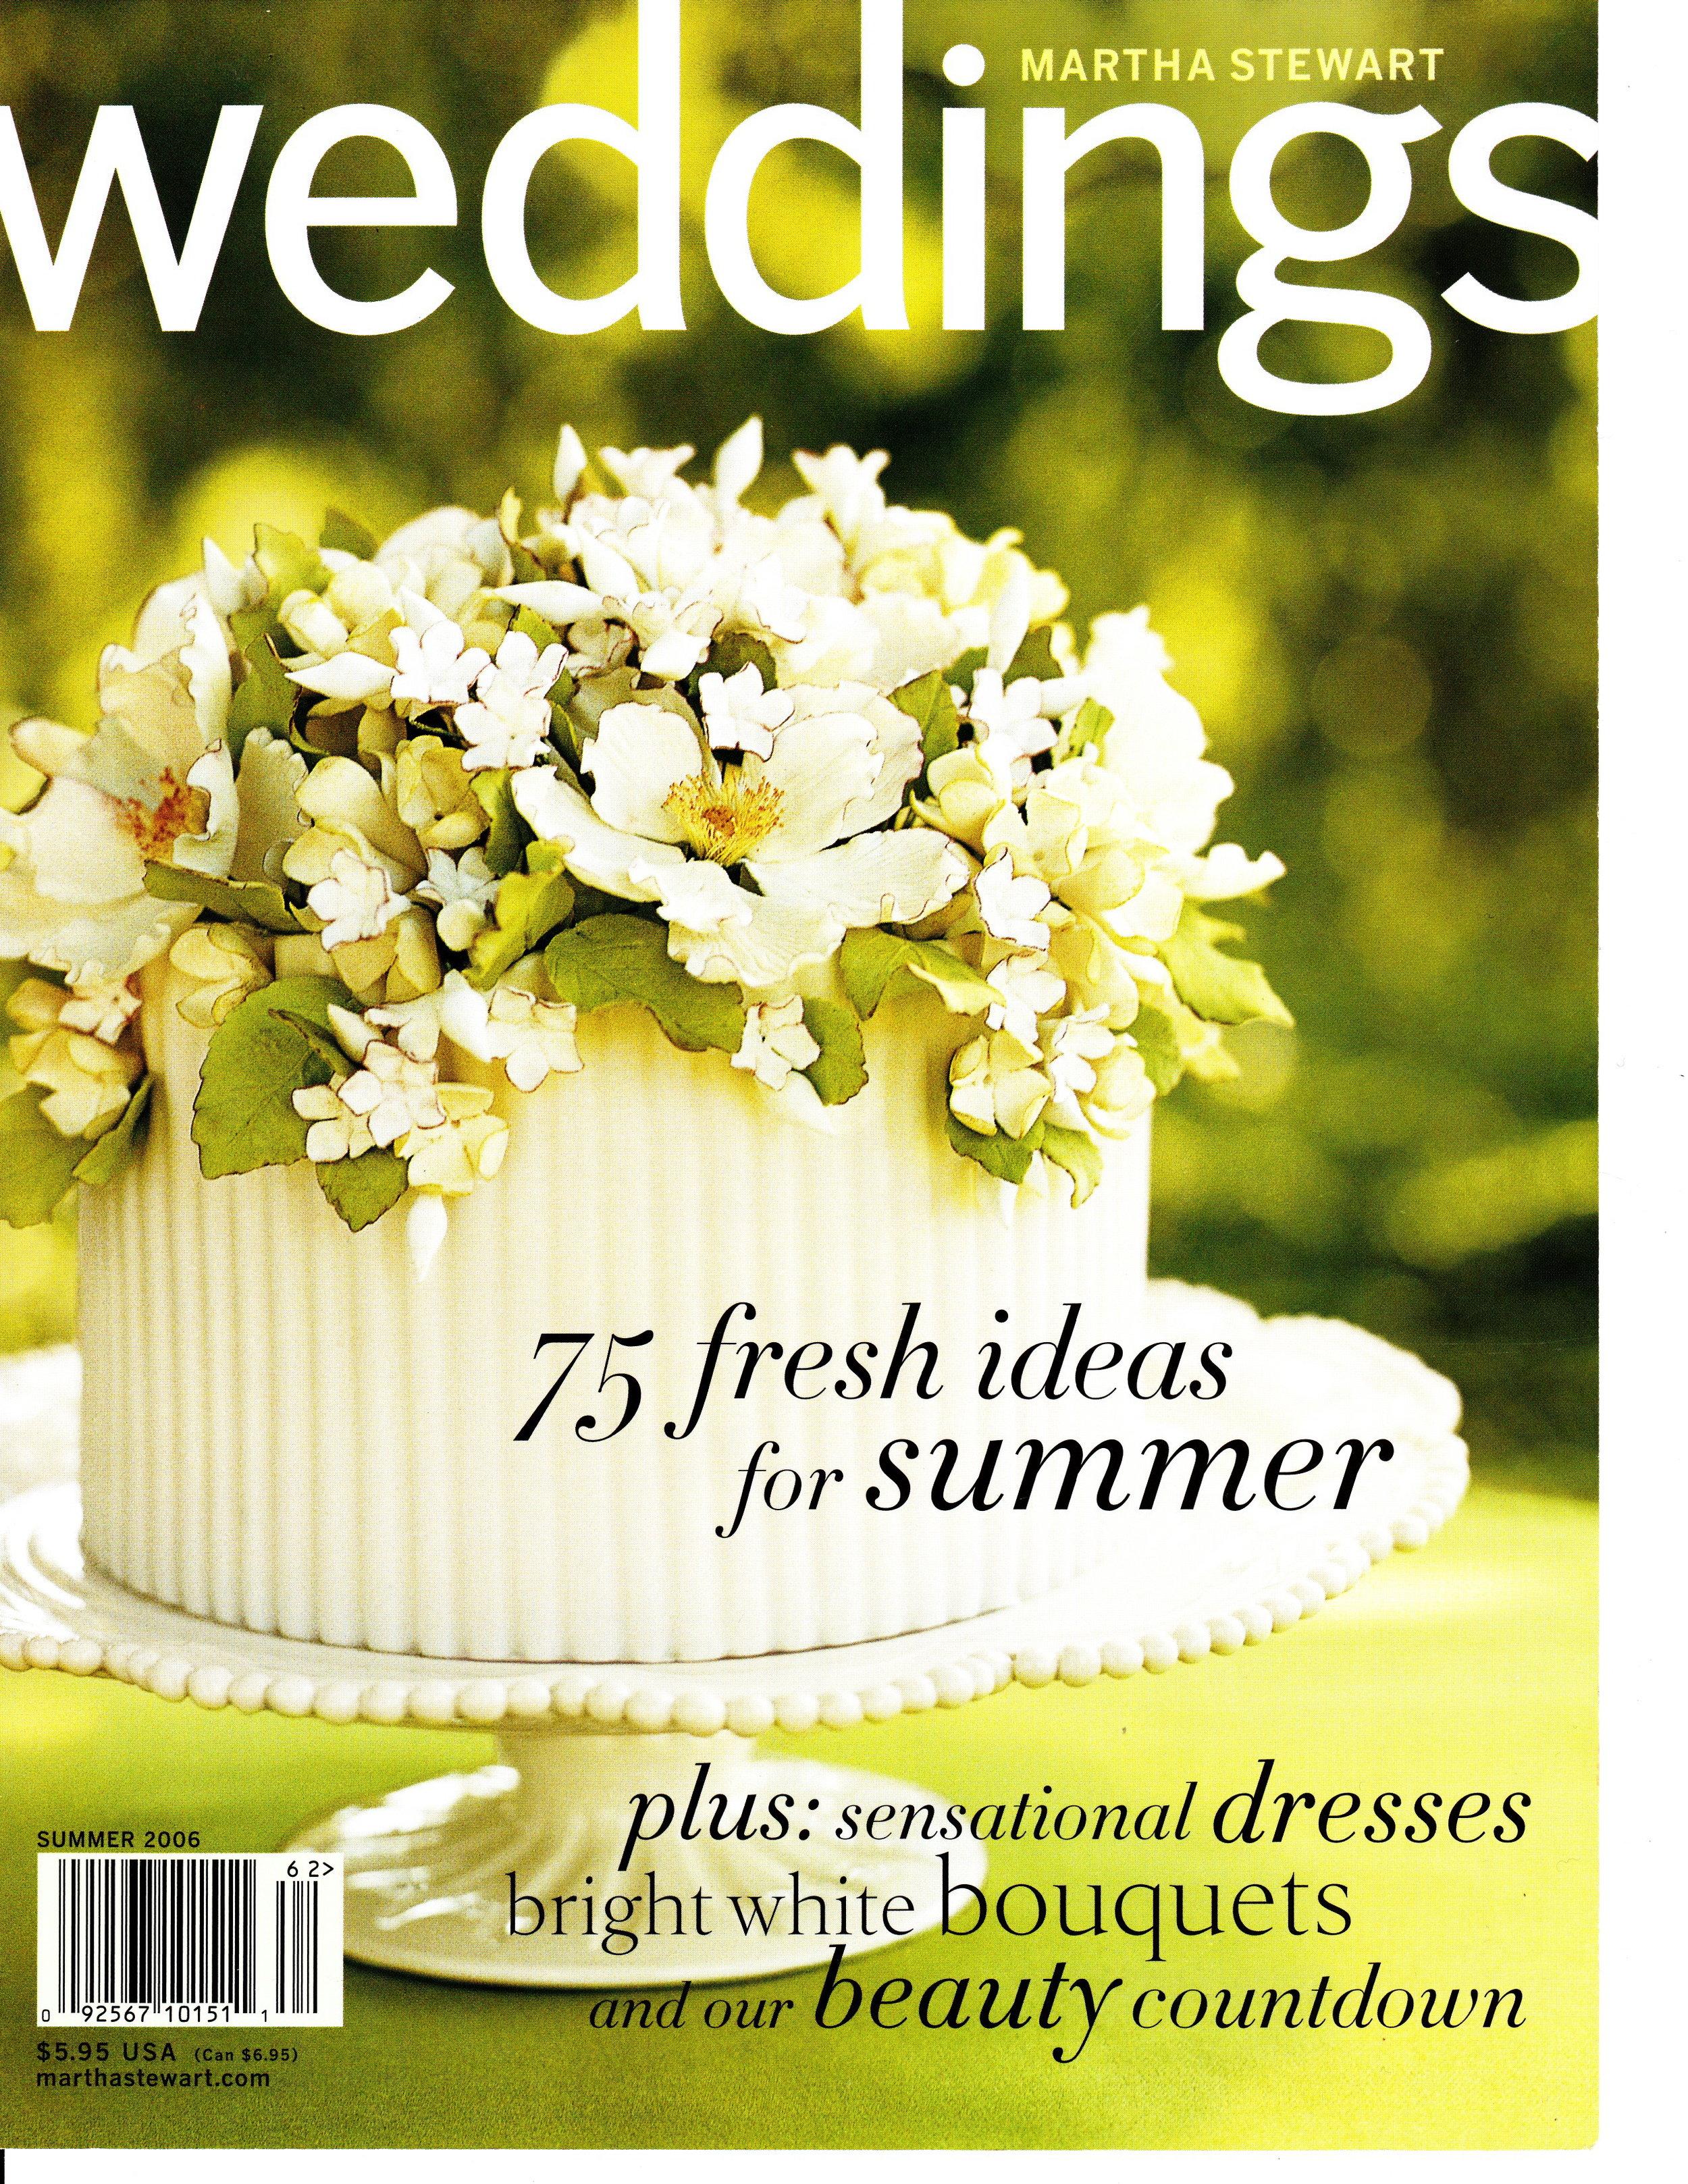 2006 Summer MS Weddings.jpg